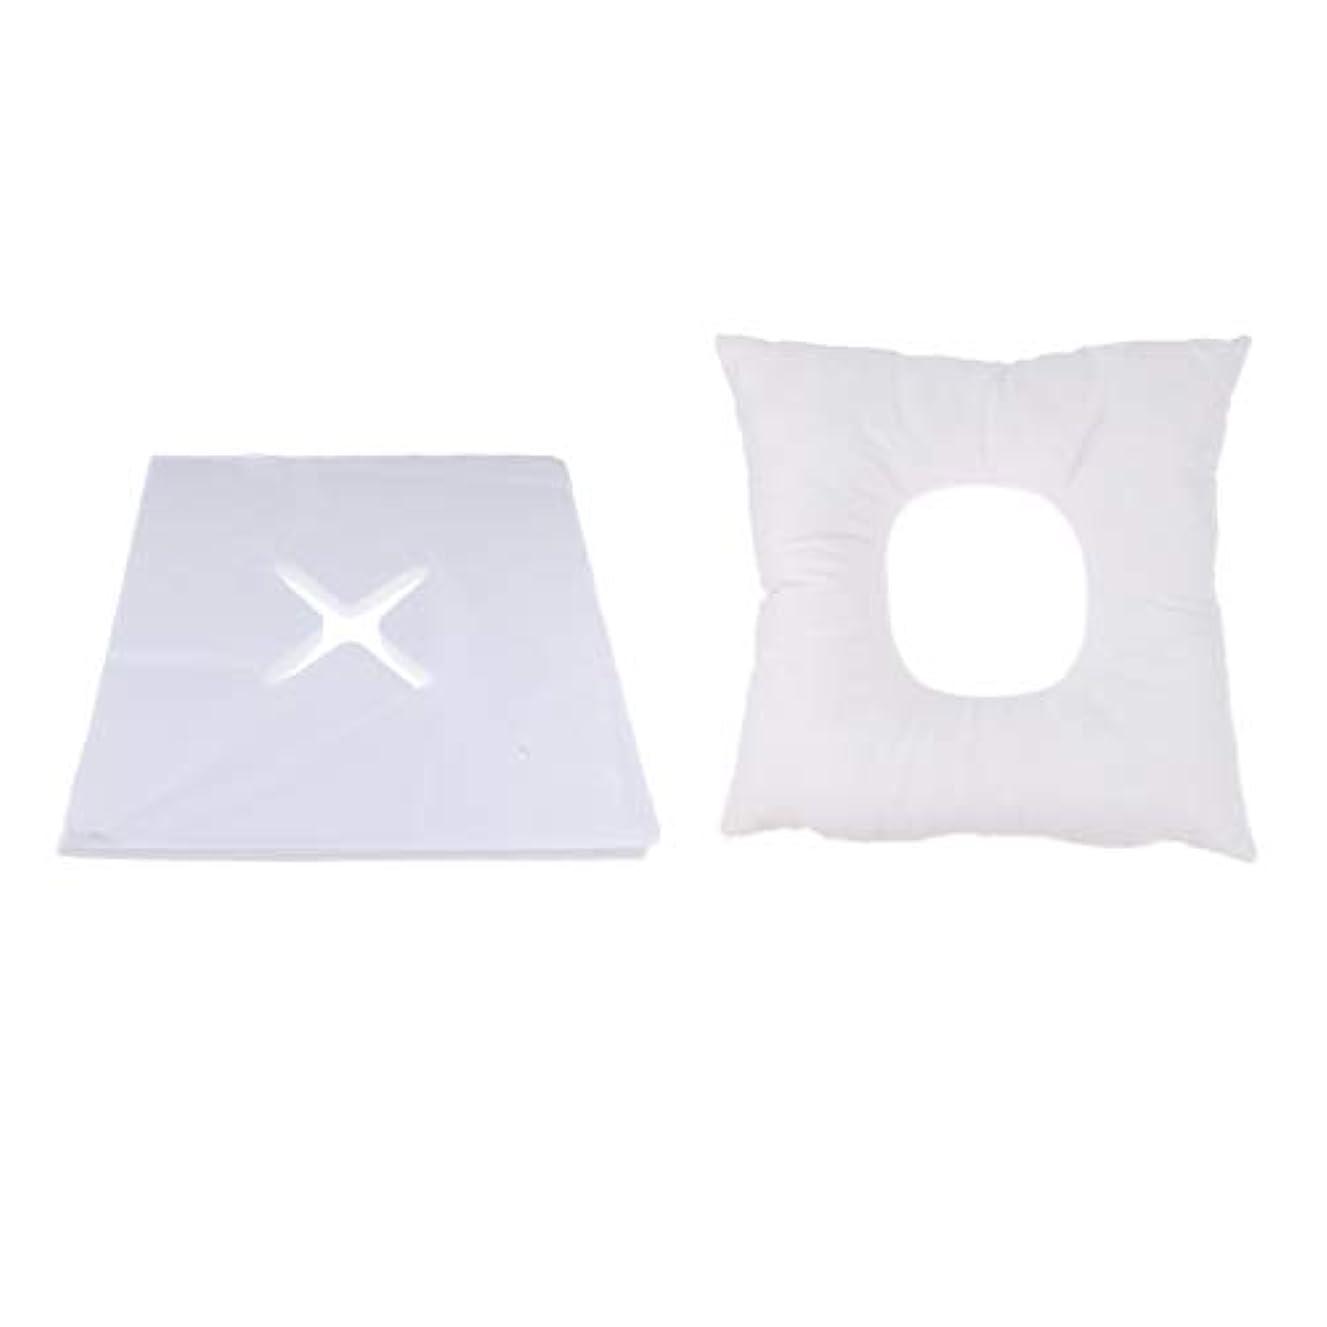 実質的アイドルと遊ぶマッサージ枕 顔枕 フェイスマット フェイスピロー 200個使い捨てカバー付 マッサージテーブル用 快適